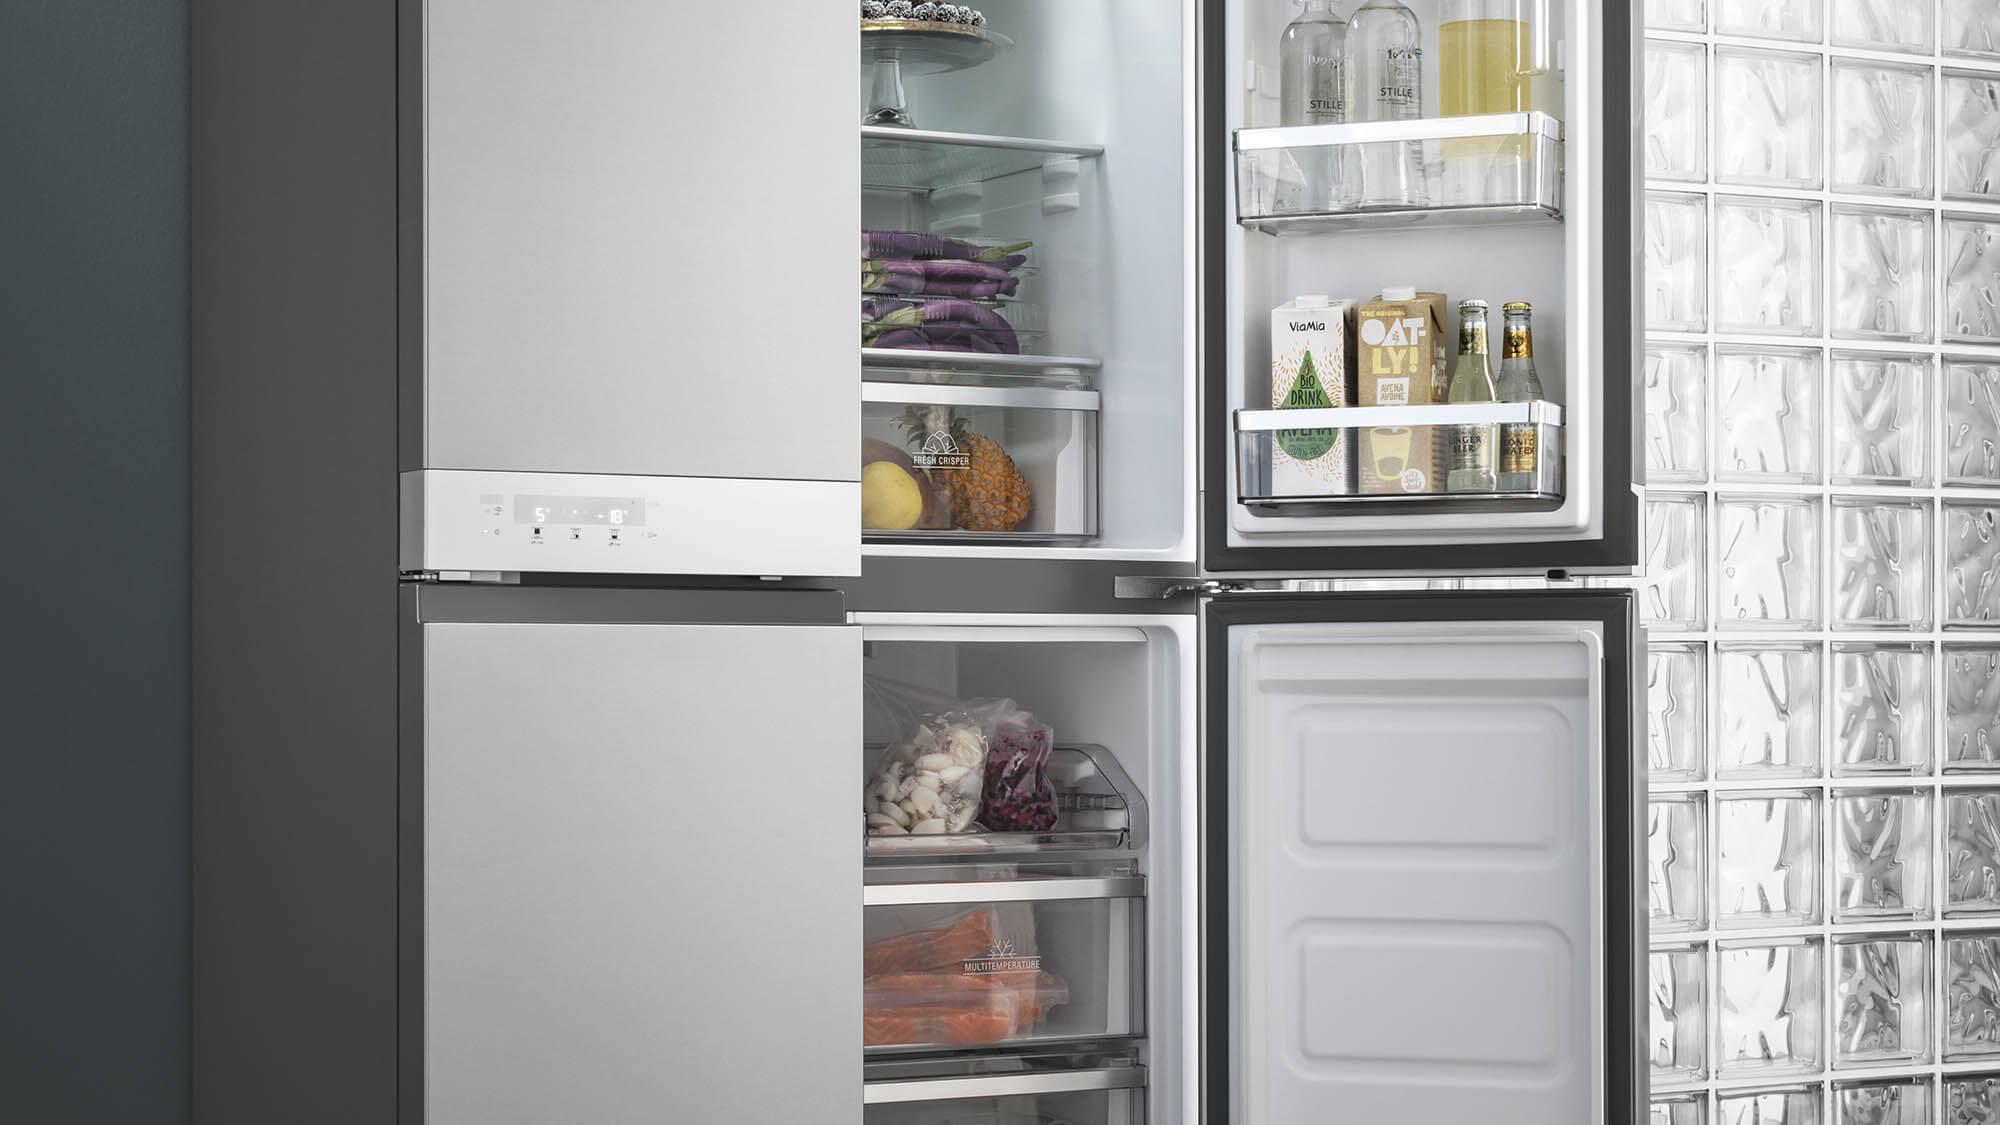 Side By Side Kühlschrank Einräumen : Kühlschrank richtig einräumen: mit anleitung & grafik ao.de